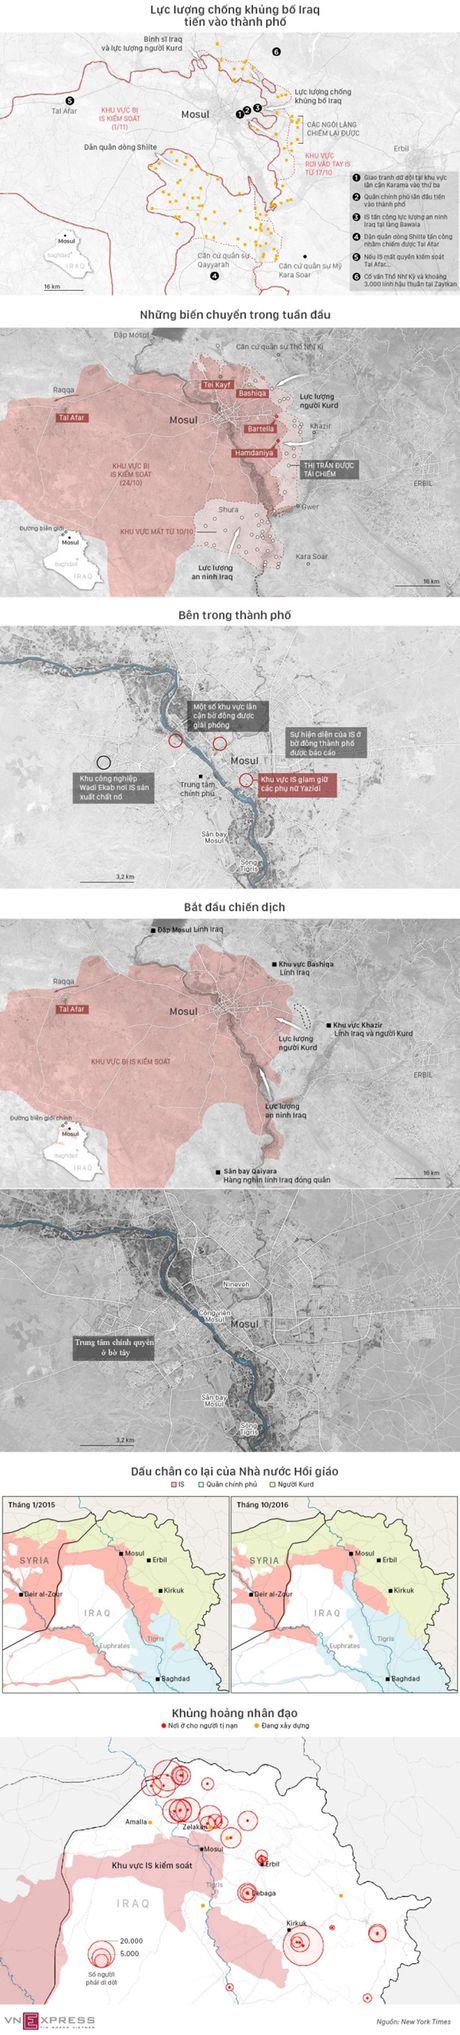 Hai tuan tien danh Mosul cua luc luong chong khung bo Iraq - Anh 1